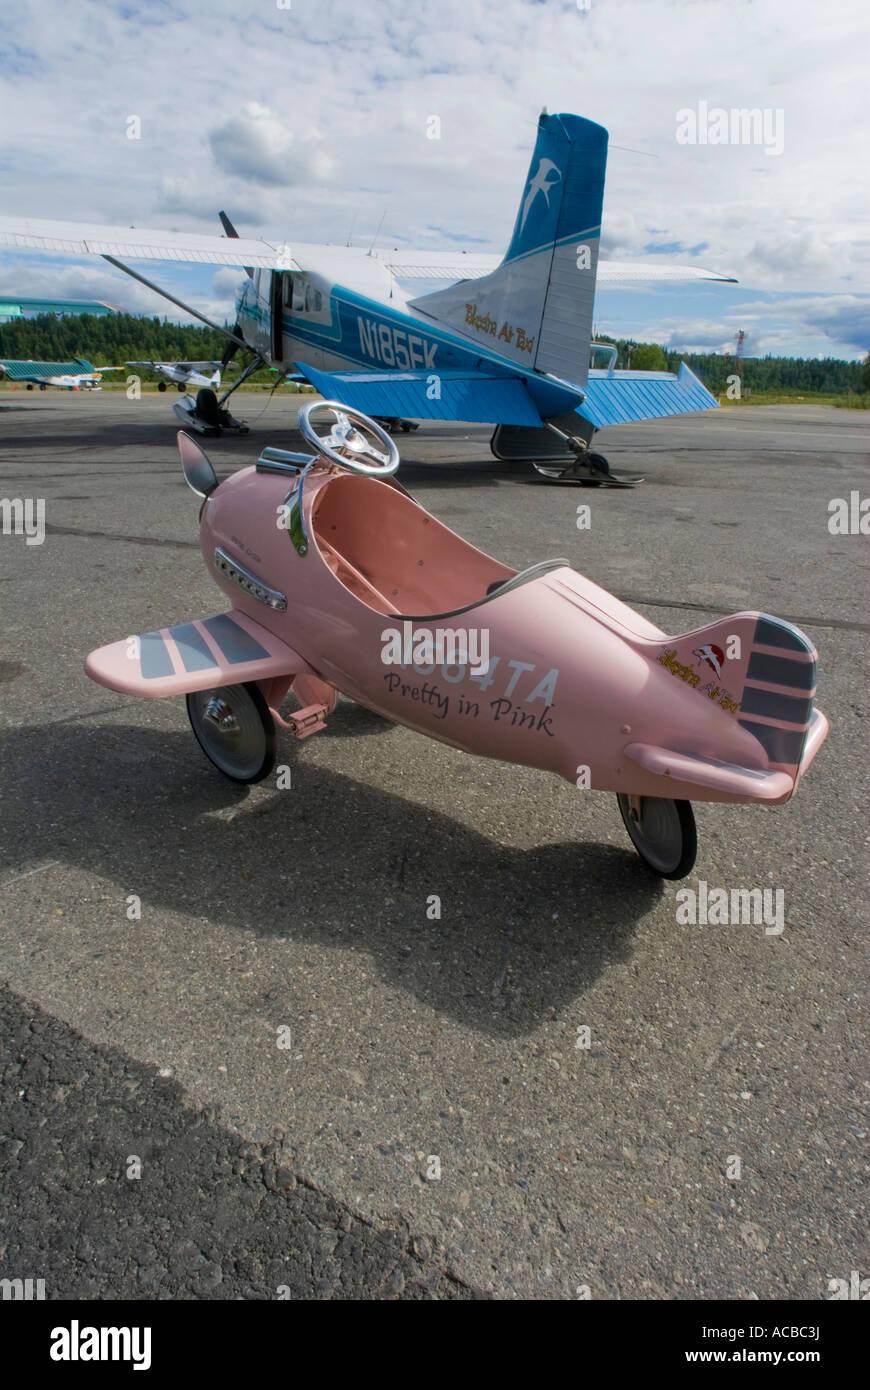 Rosa giocattolo per bambini è aereo accanto a un Cessna 185